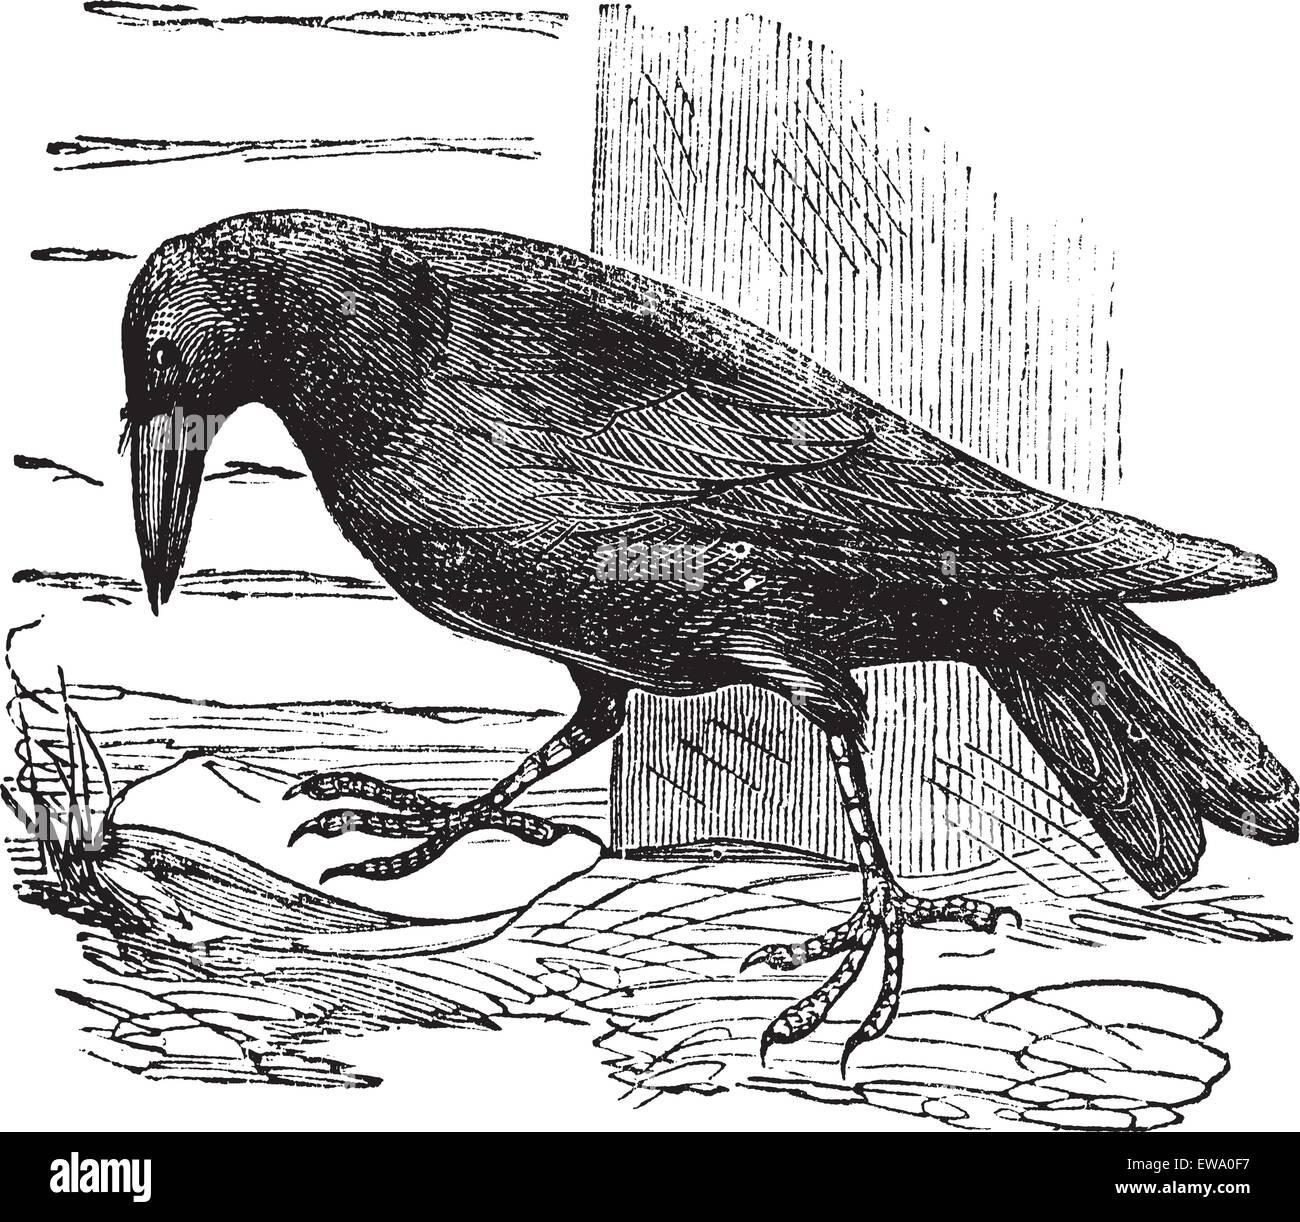 Raven or Corvus sp., vintage engraving. Old engraved illustration of a Raven. - Stock Image